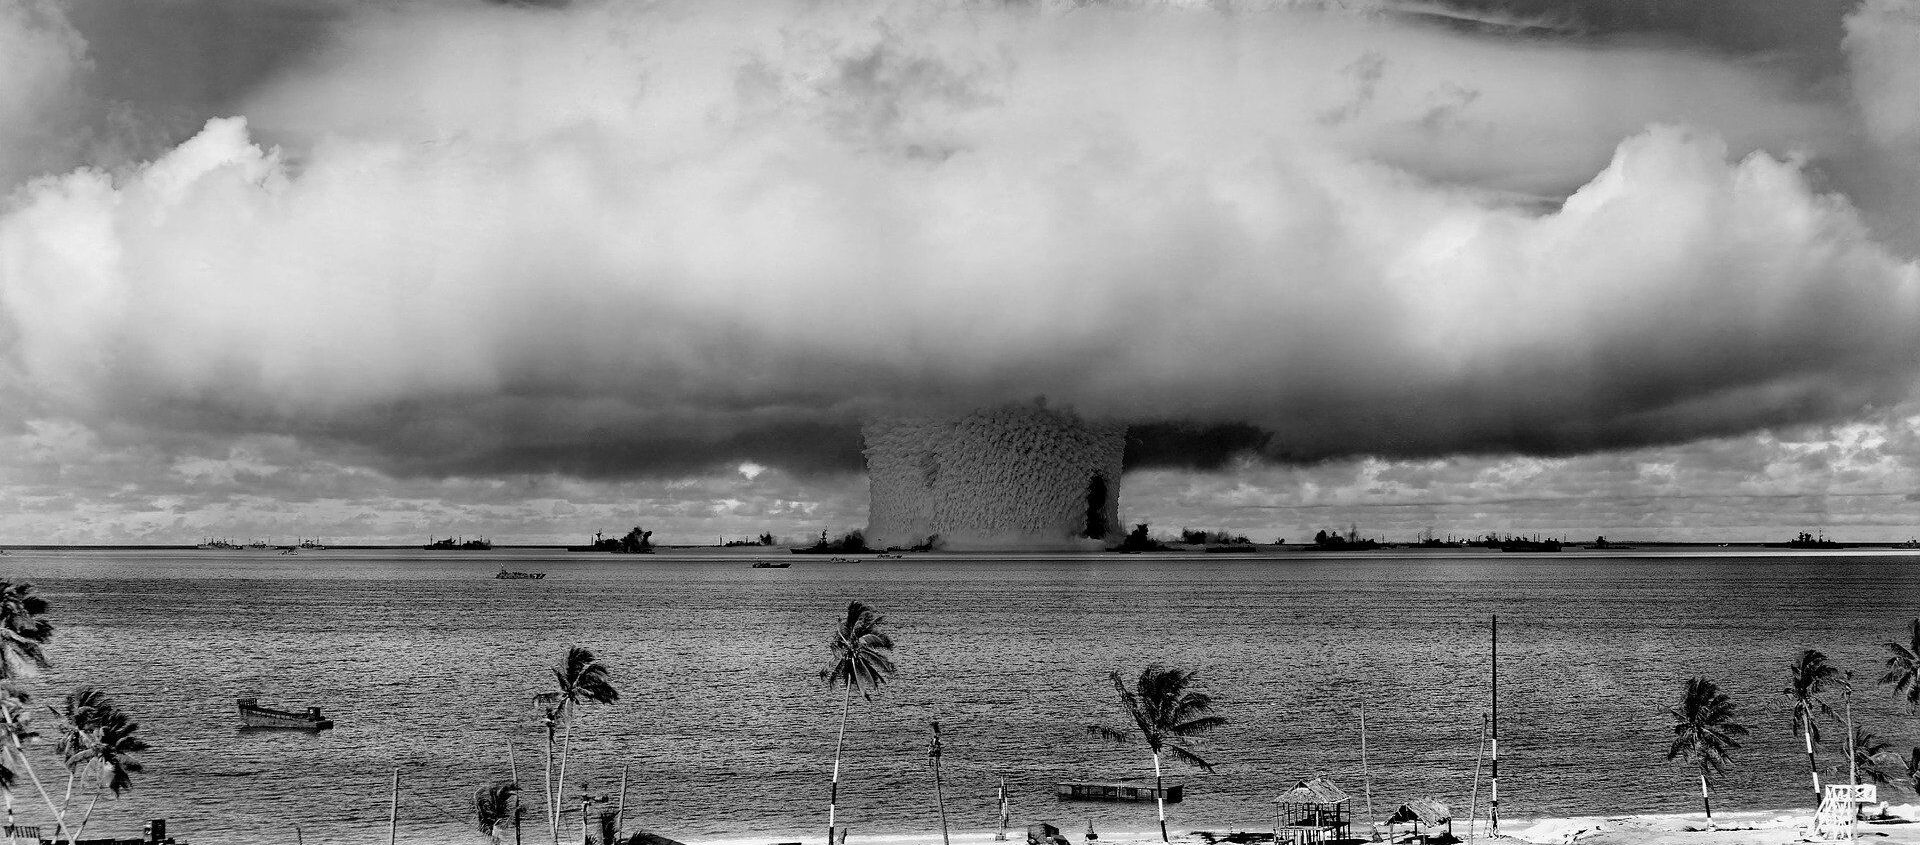 Une explosion nucléaire (image d'illustration) - Sputnik France, 1920, 10.03.2021